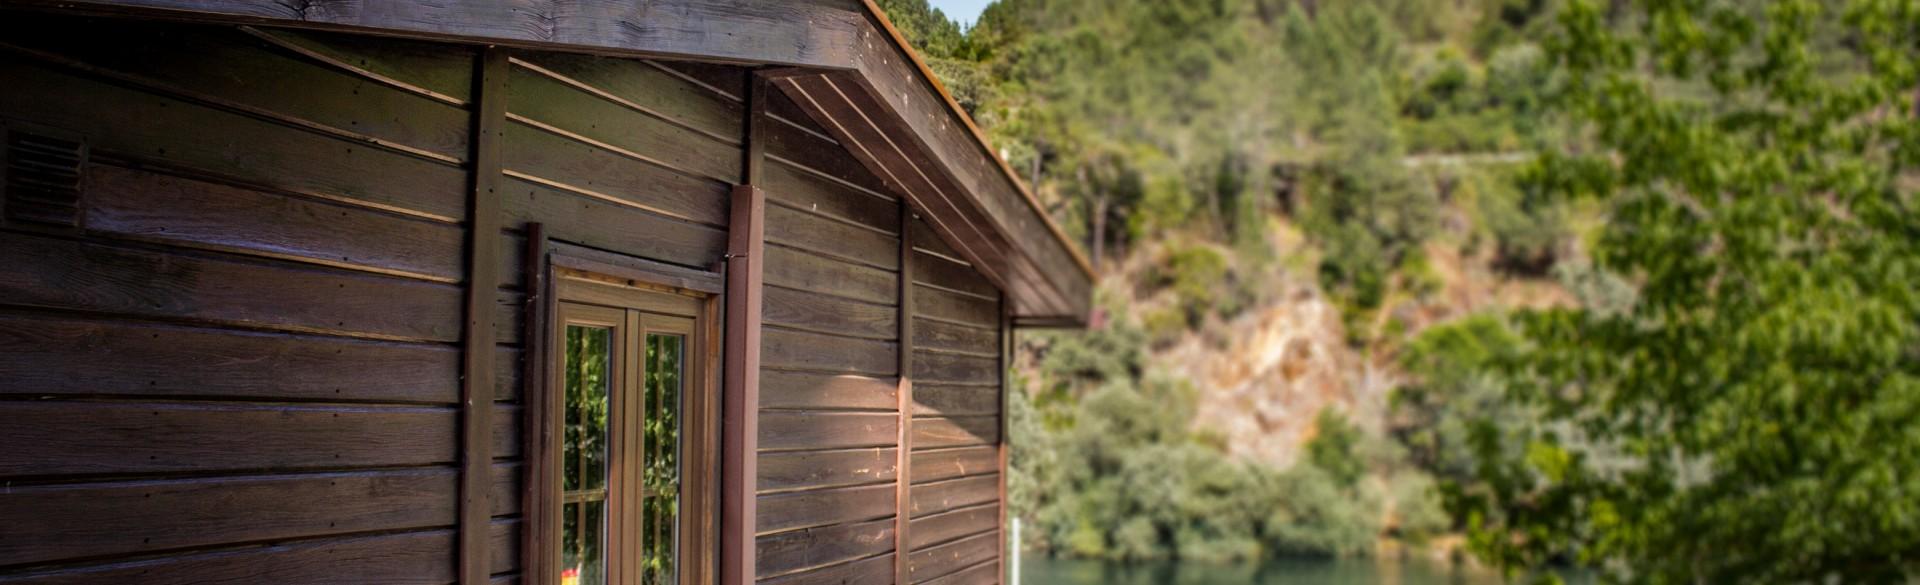 Casa dos Girassóis - Xisto Camping